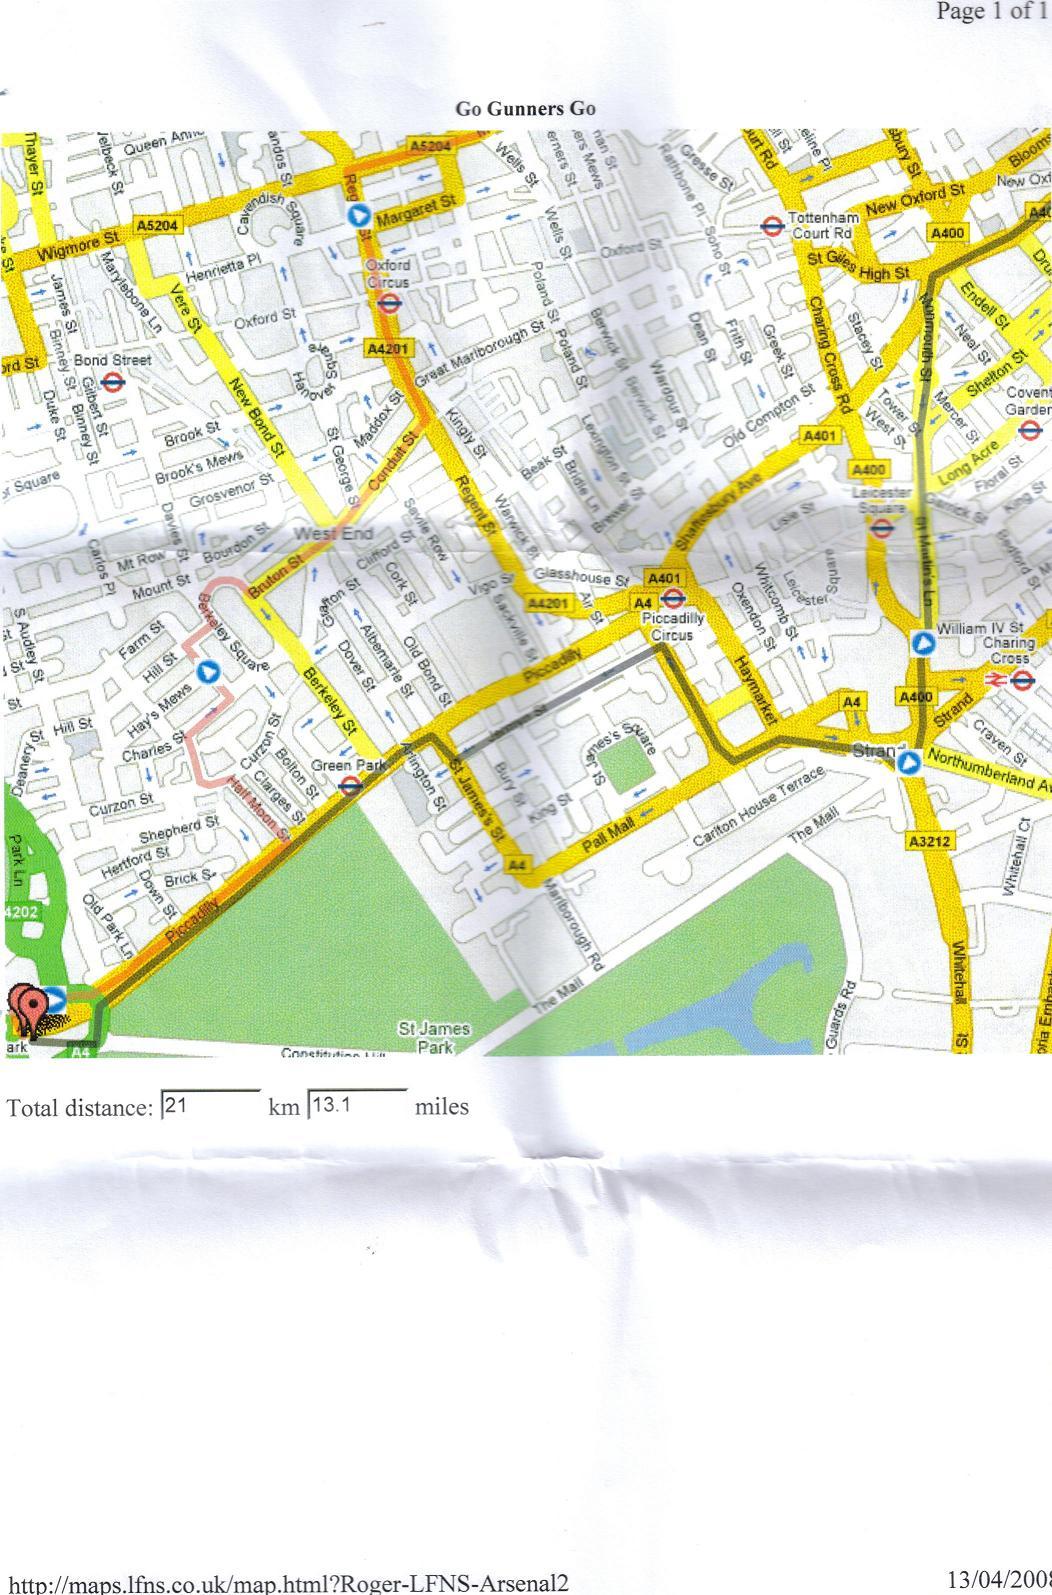 Printing Google Maps - Printable Google Maps